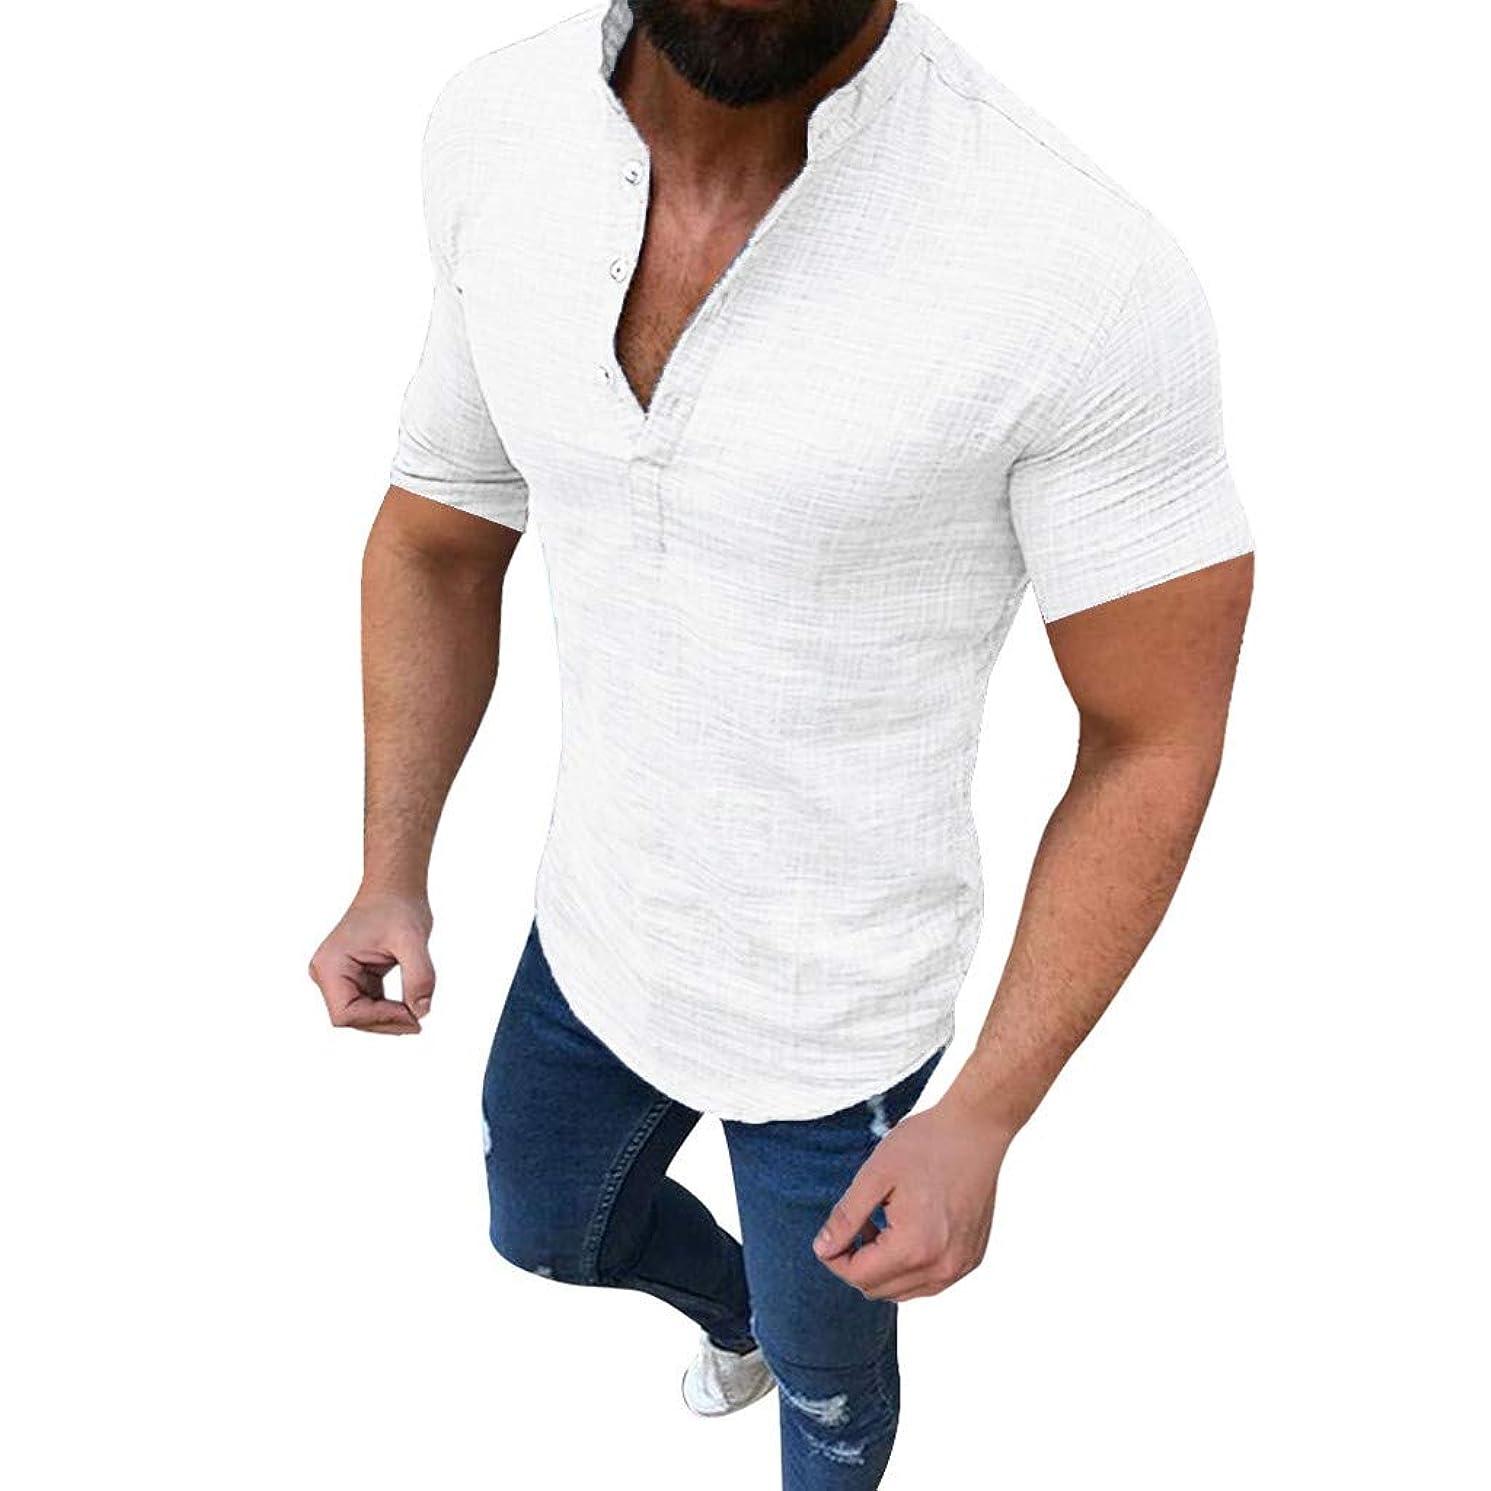 Mens Short Sleeve Henley Shirt Cotton Linen Beach Yoga Loose Fit Casual Work Shirt Tops